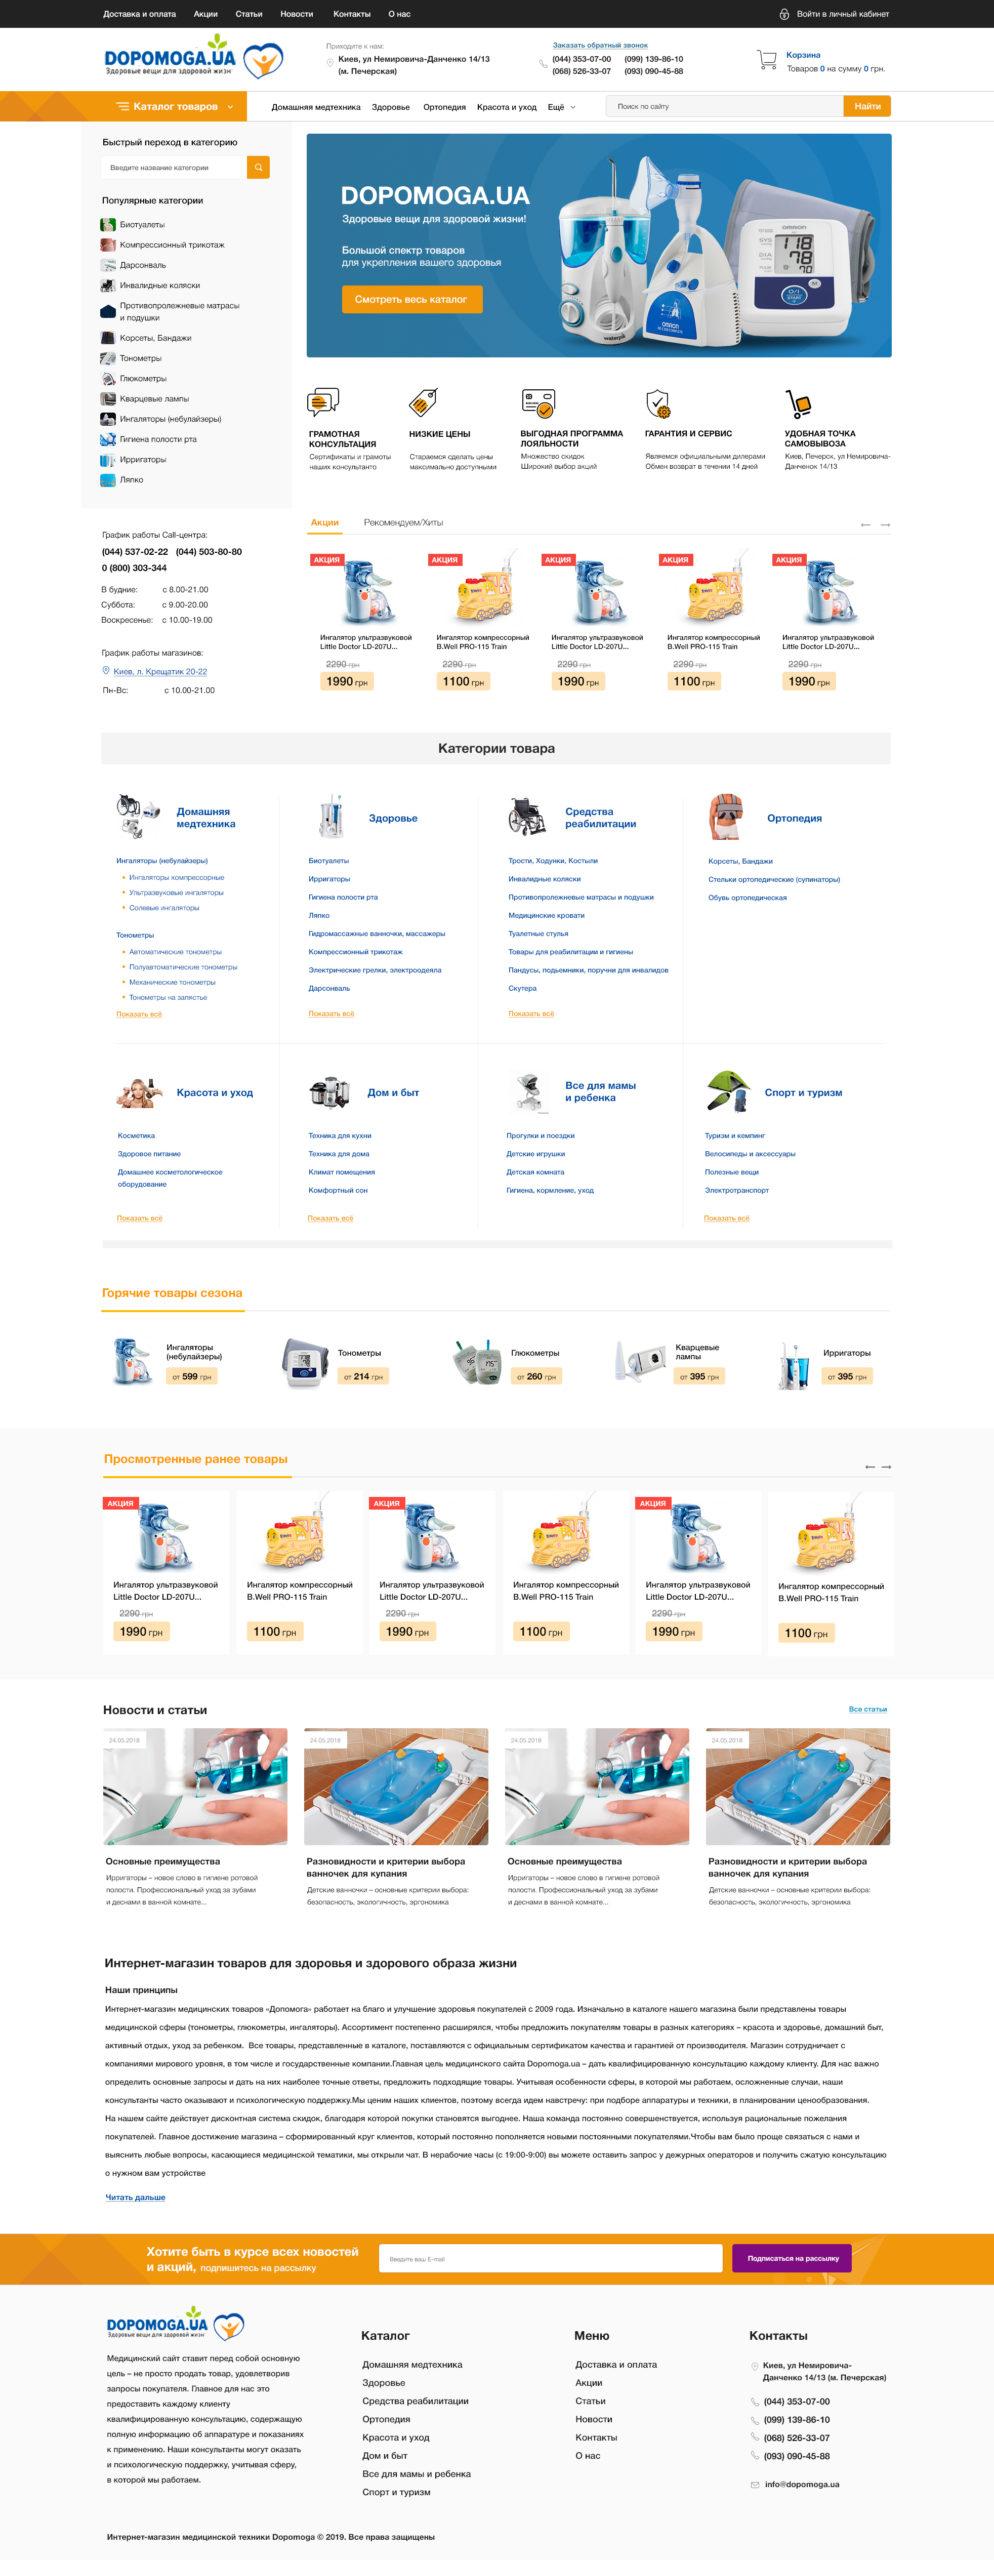 Дизайн сайта - dopomoga главная